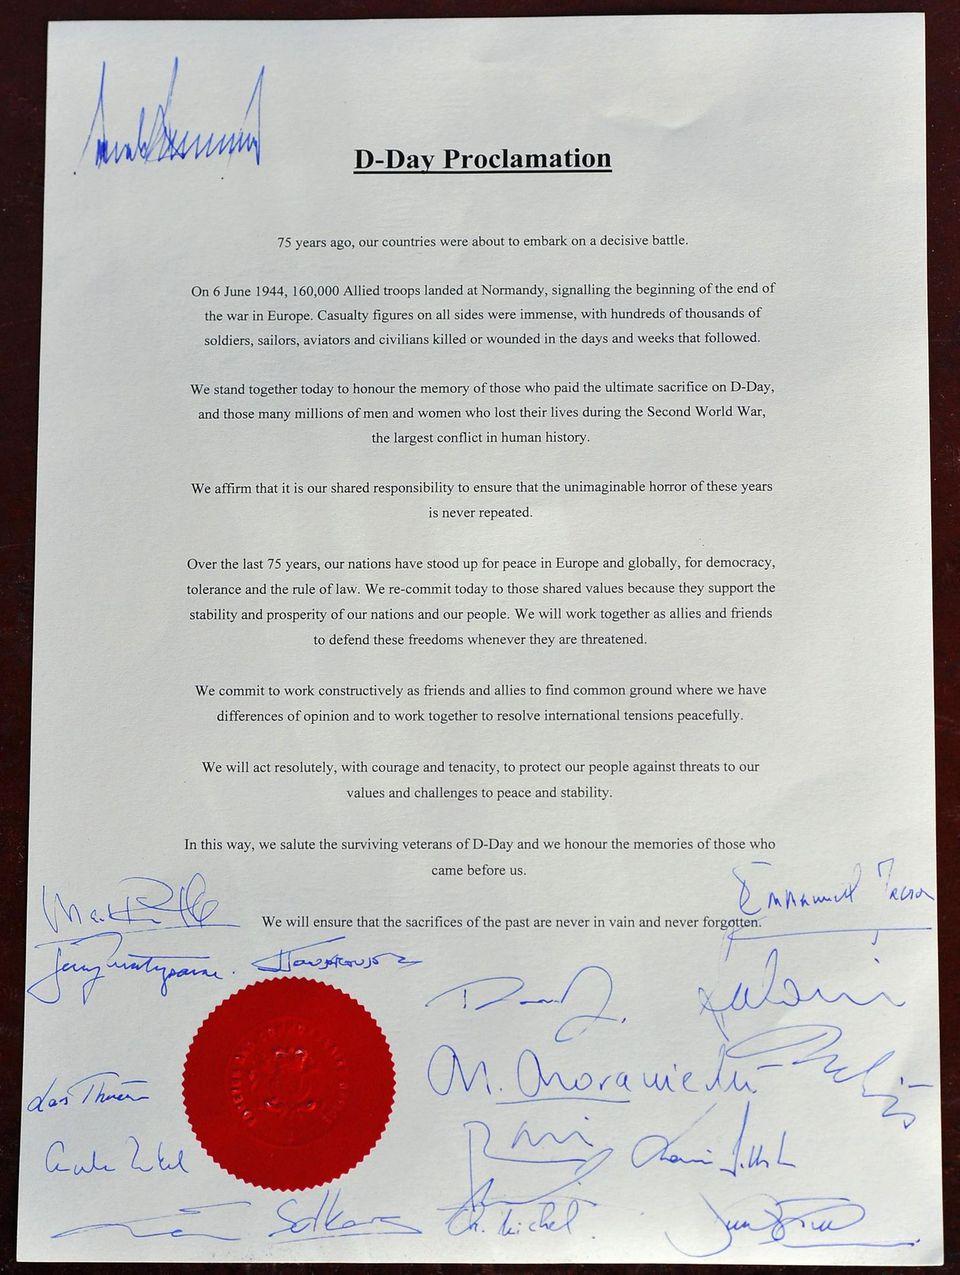 Die Erklärung von 16 Staats- und Regierungschefs zum D-Day